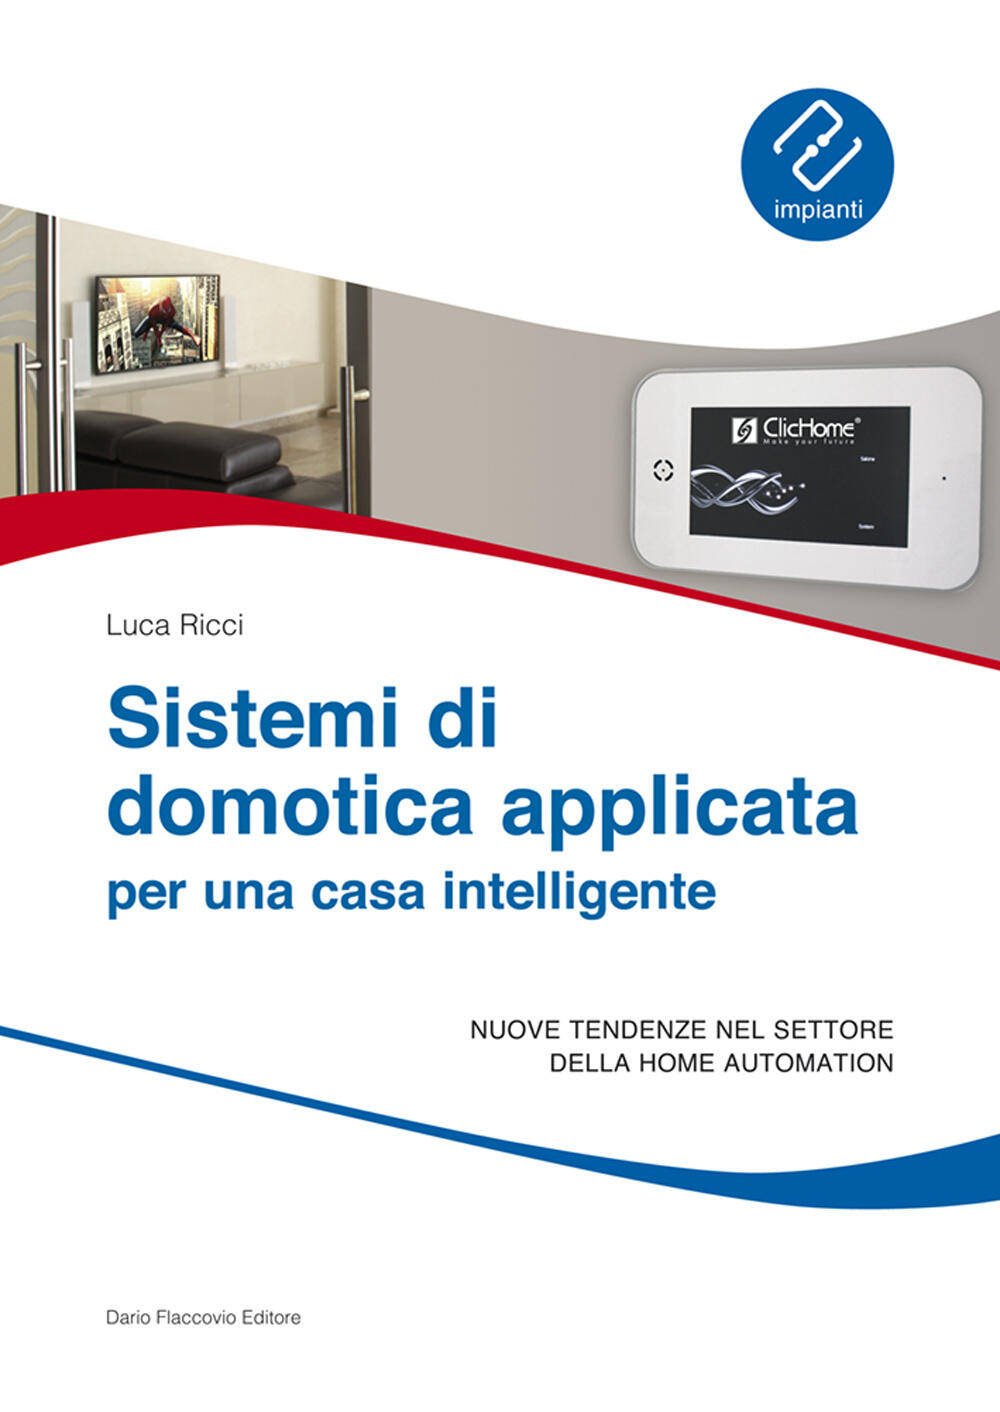 Sistemi di domotica applicata per una casa intelligente luca ricci libro flaccovio dario - Sistemi antiallagamento per casa ...